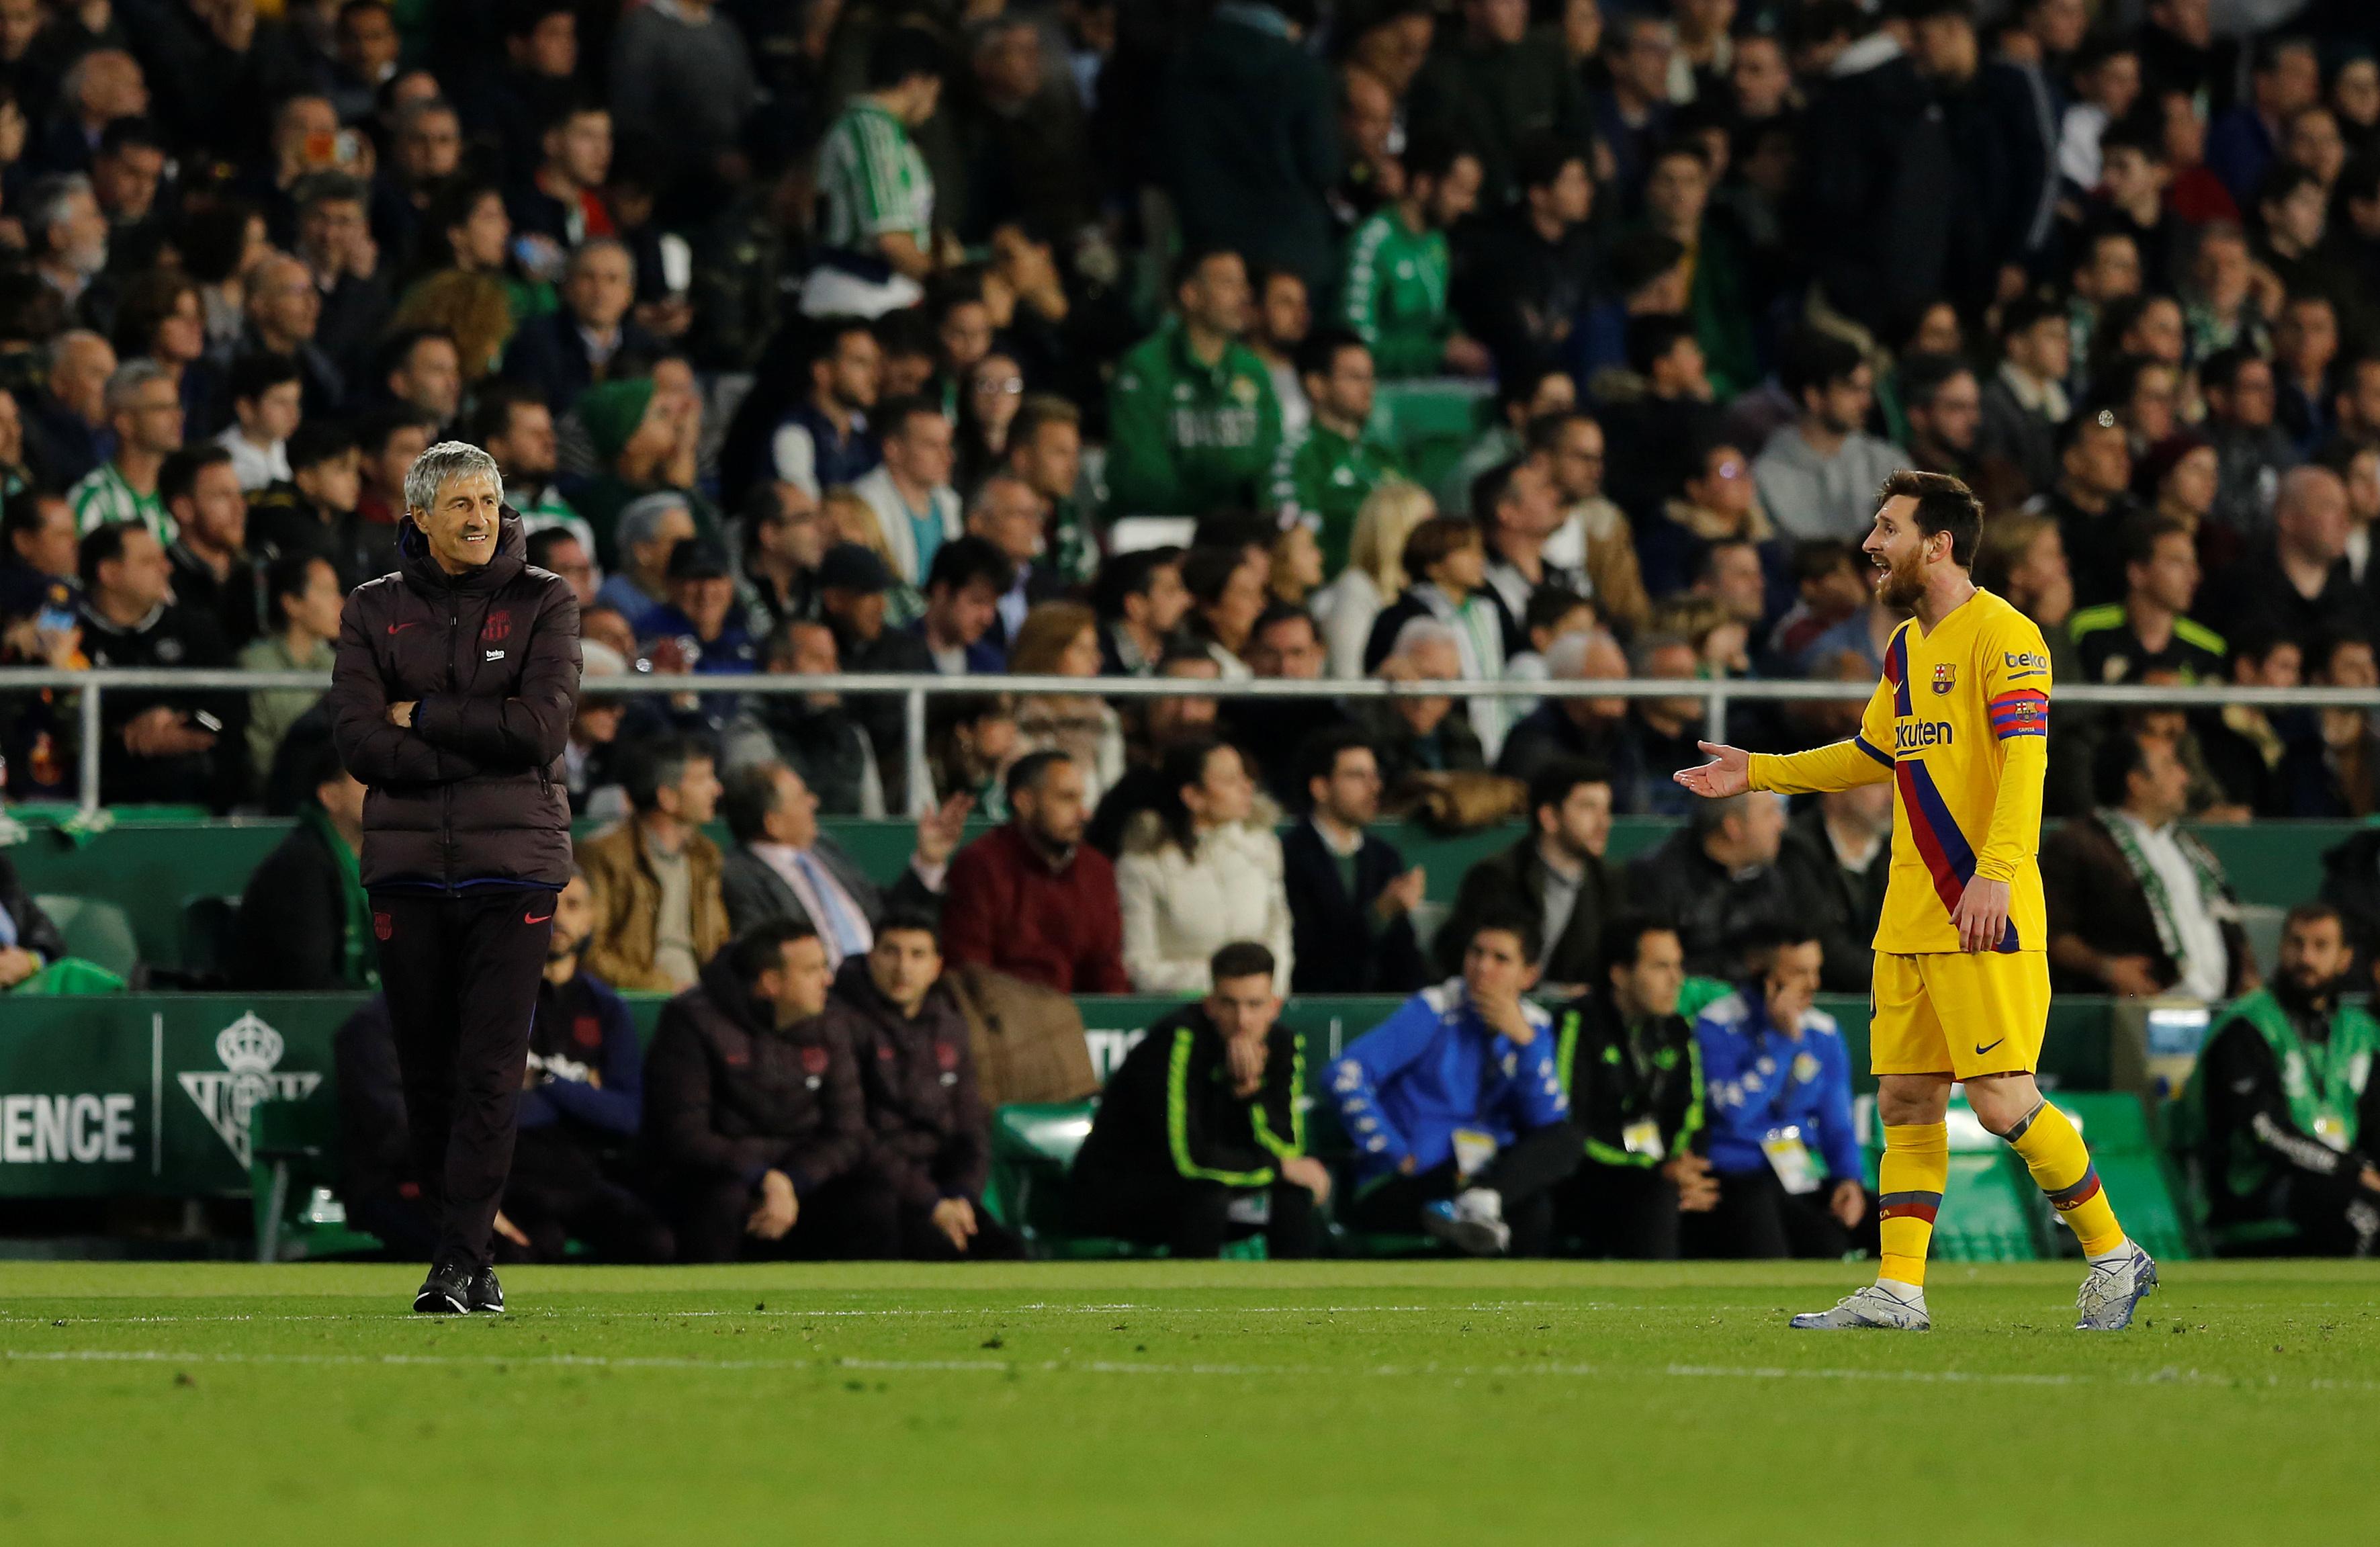 Football - Transferts - L'entraîneur du FC Barcelone ne se prononce pas sur l'avenir de Messi